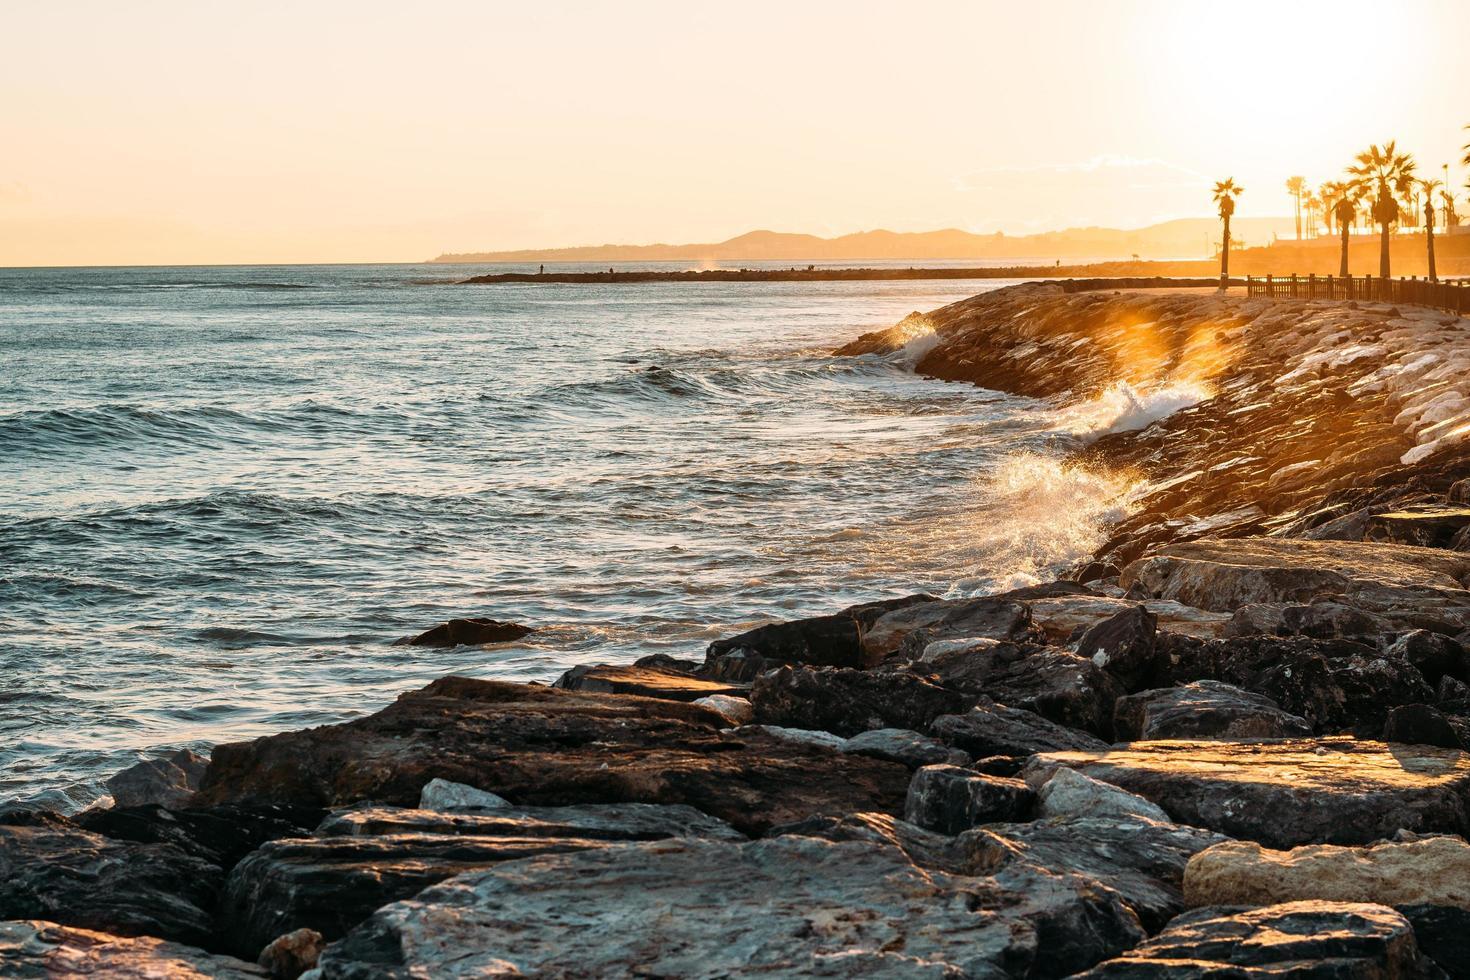 vagues éclaboussant sur la plage rocheuse pendant l'heure d'or photo